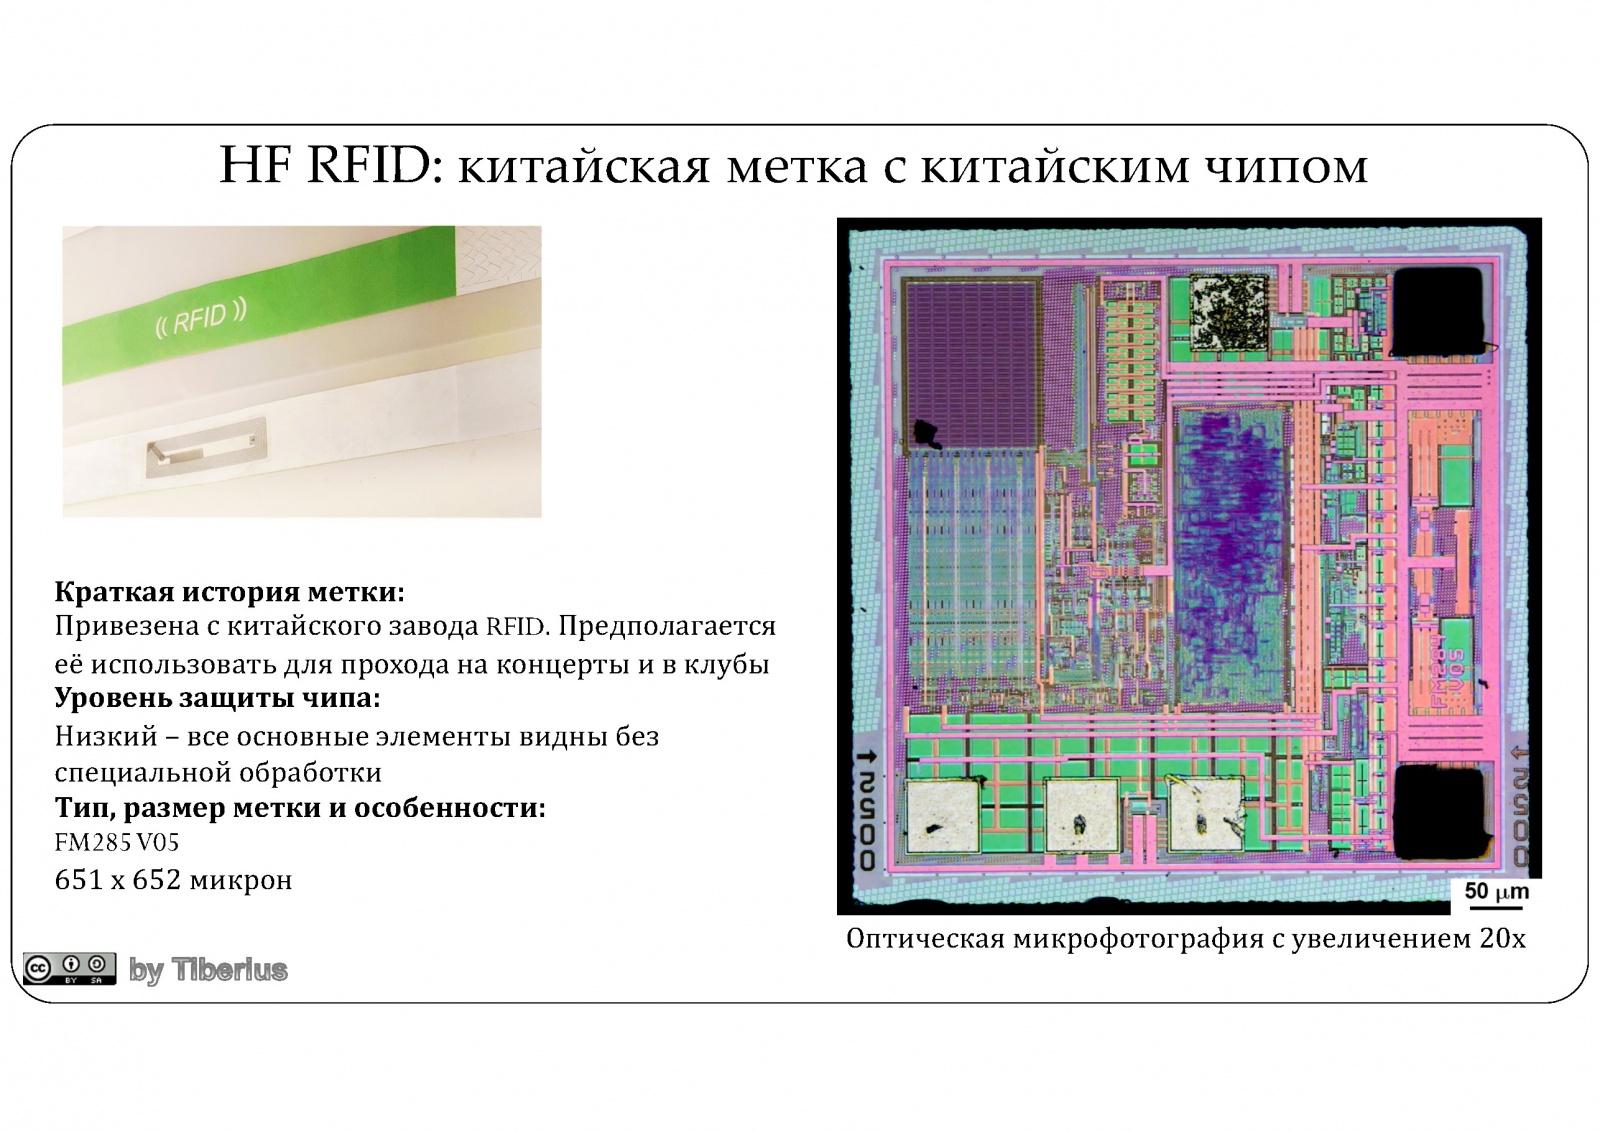 Взгляд изнутри: RFID в современном мире. Часть 2: китайские RFID - 9